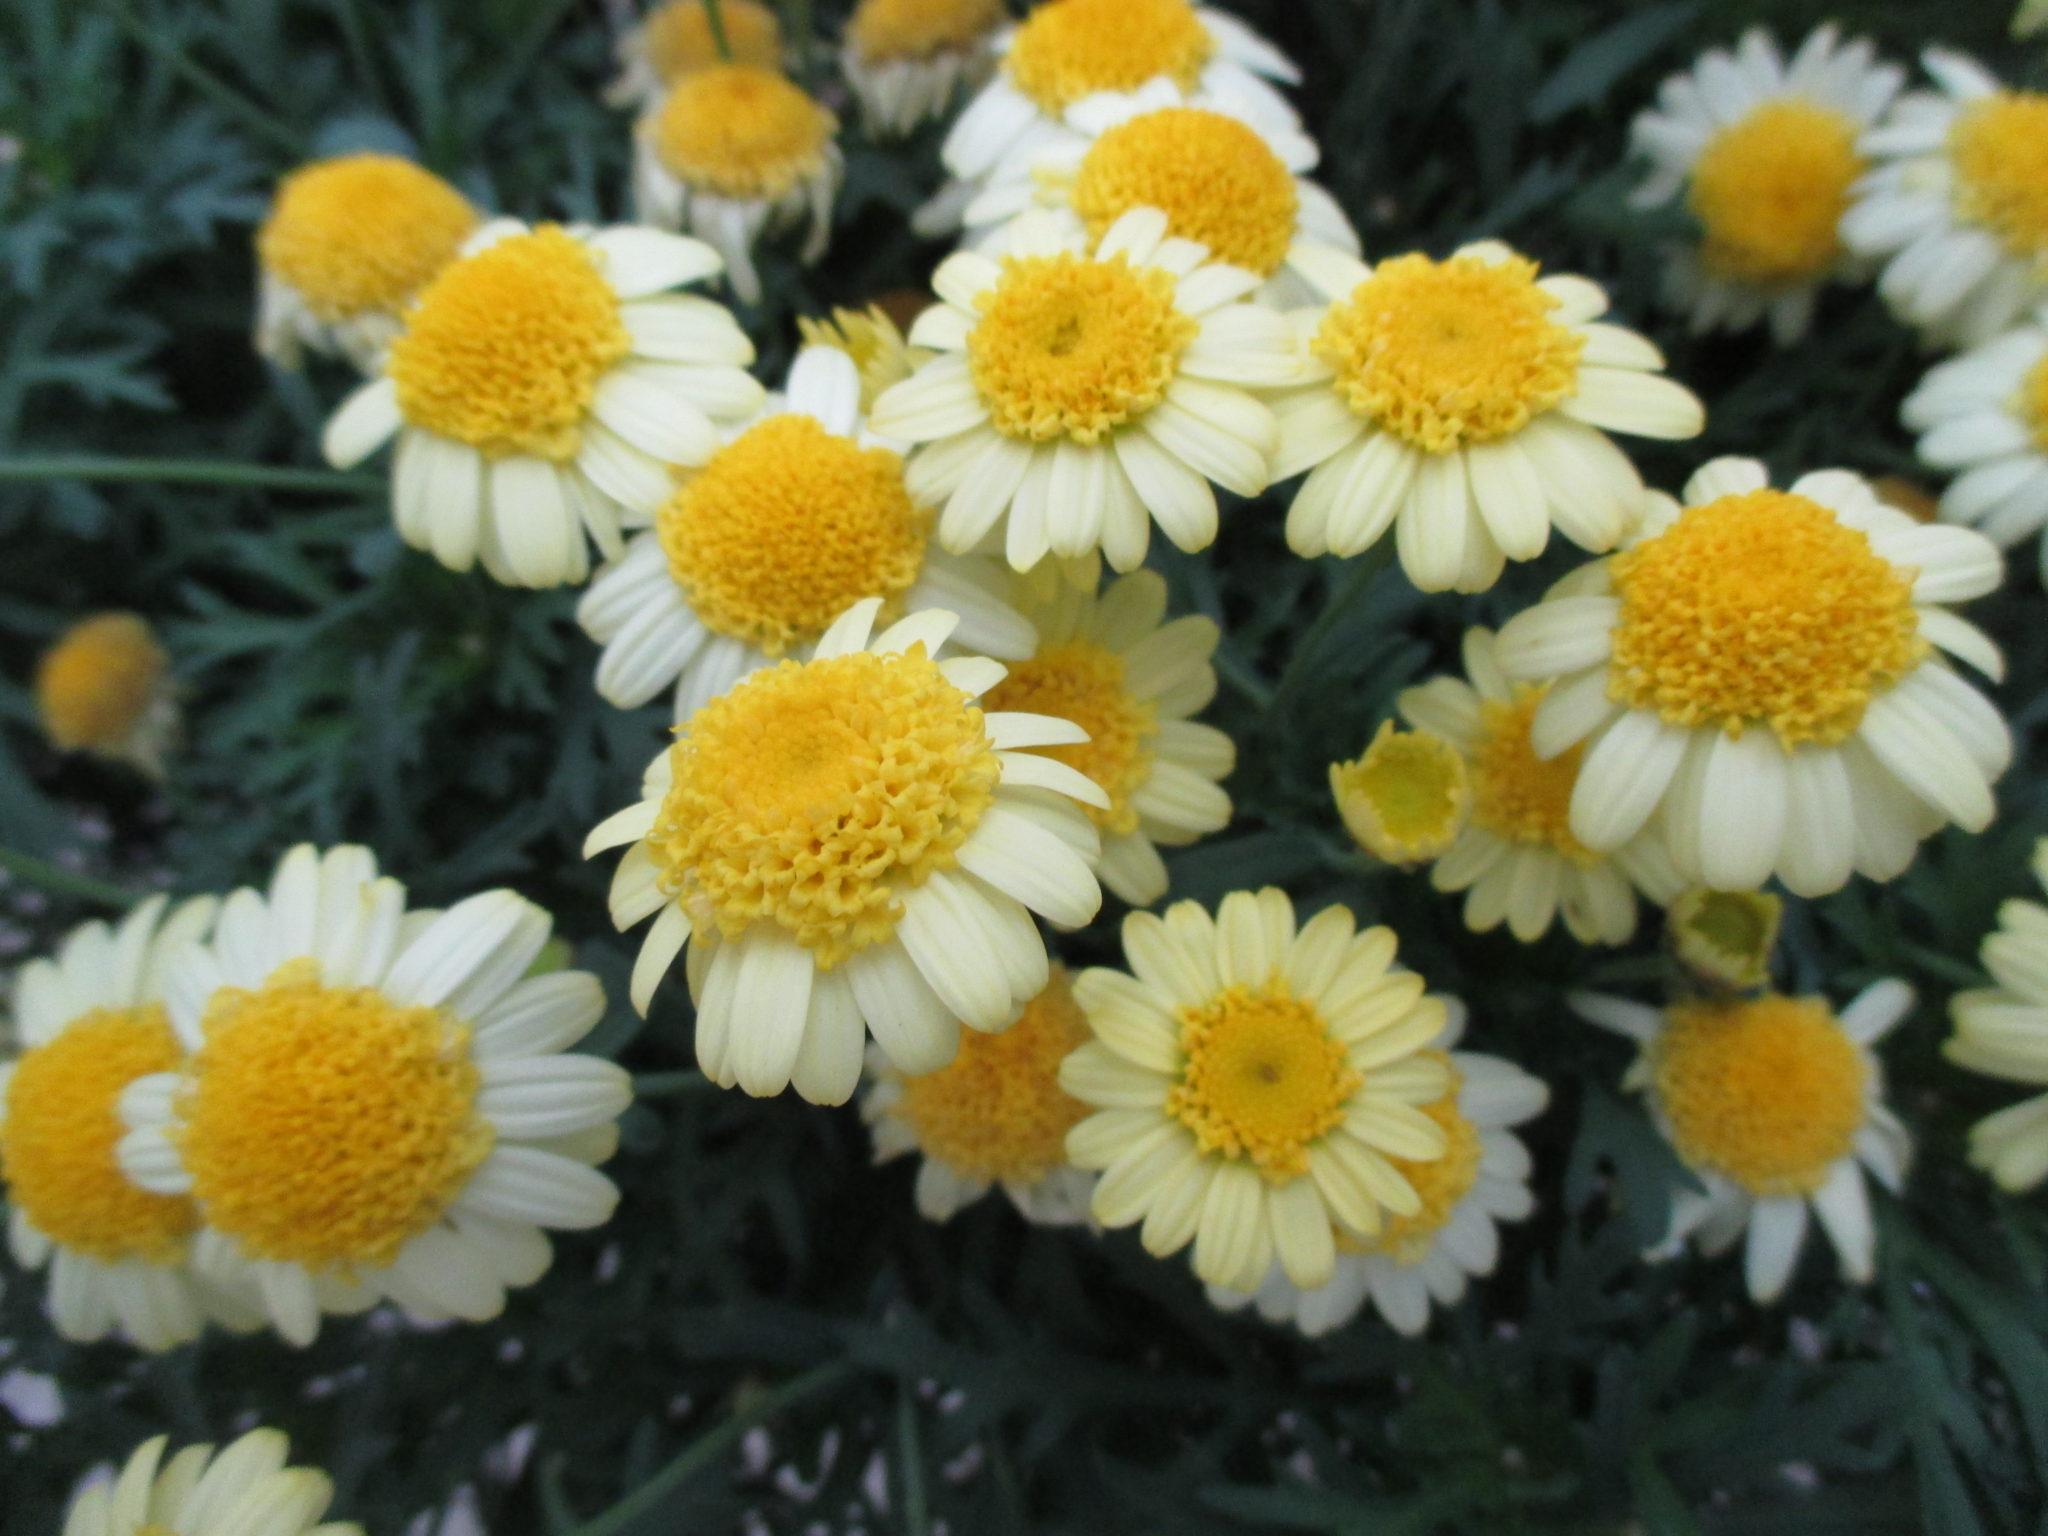 Argyranthemum sassy double yellow 2016 jpg rotary botanical gardens argyranthemum sassy double yellow 2016 jpg izmirmasajfo